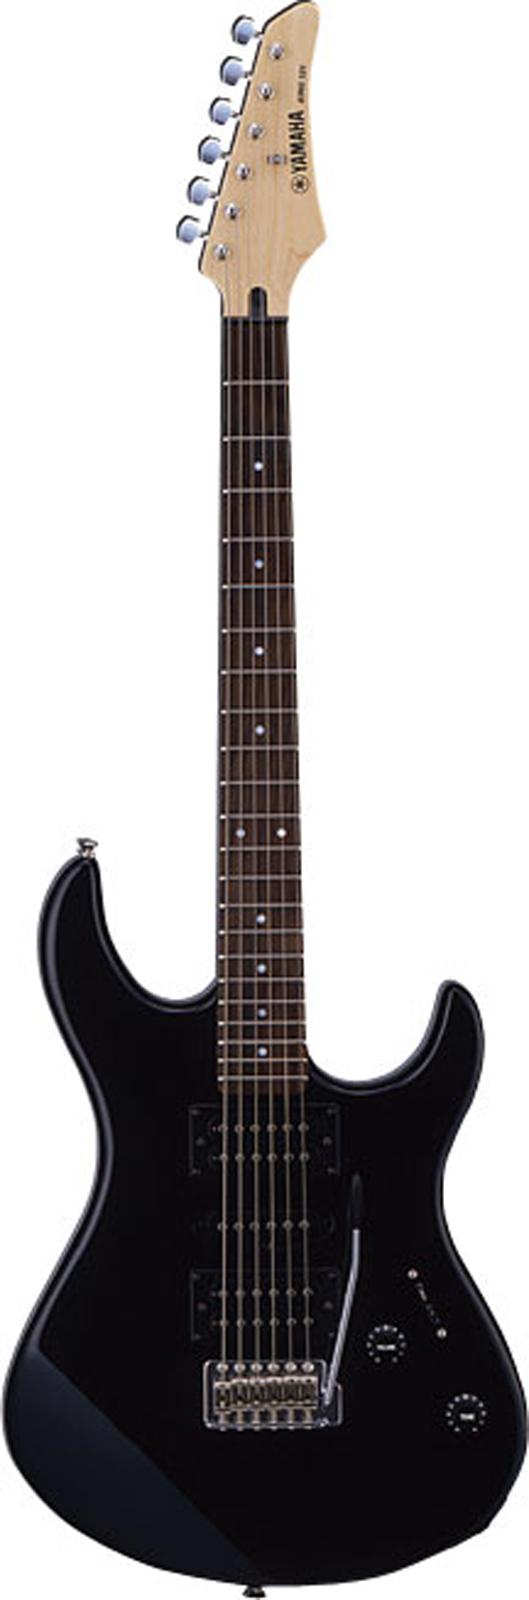 Yamaha Erg121ubl Black + Housse